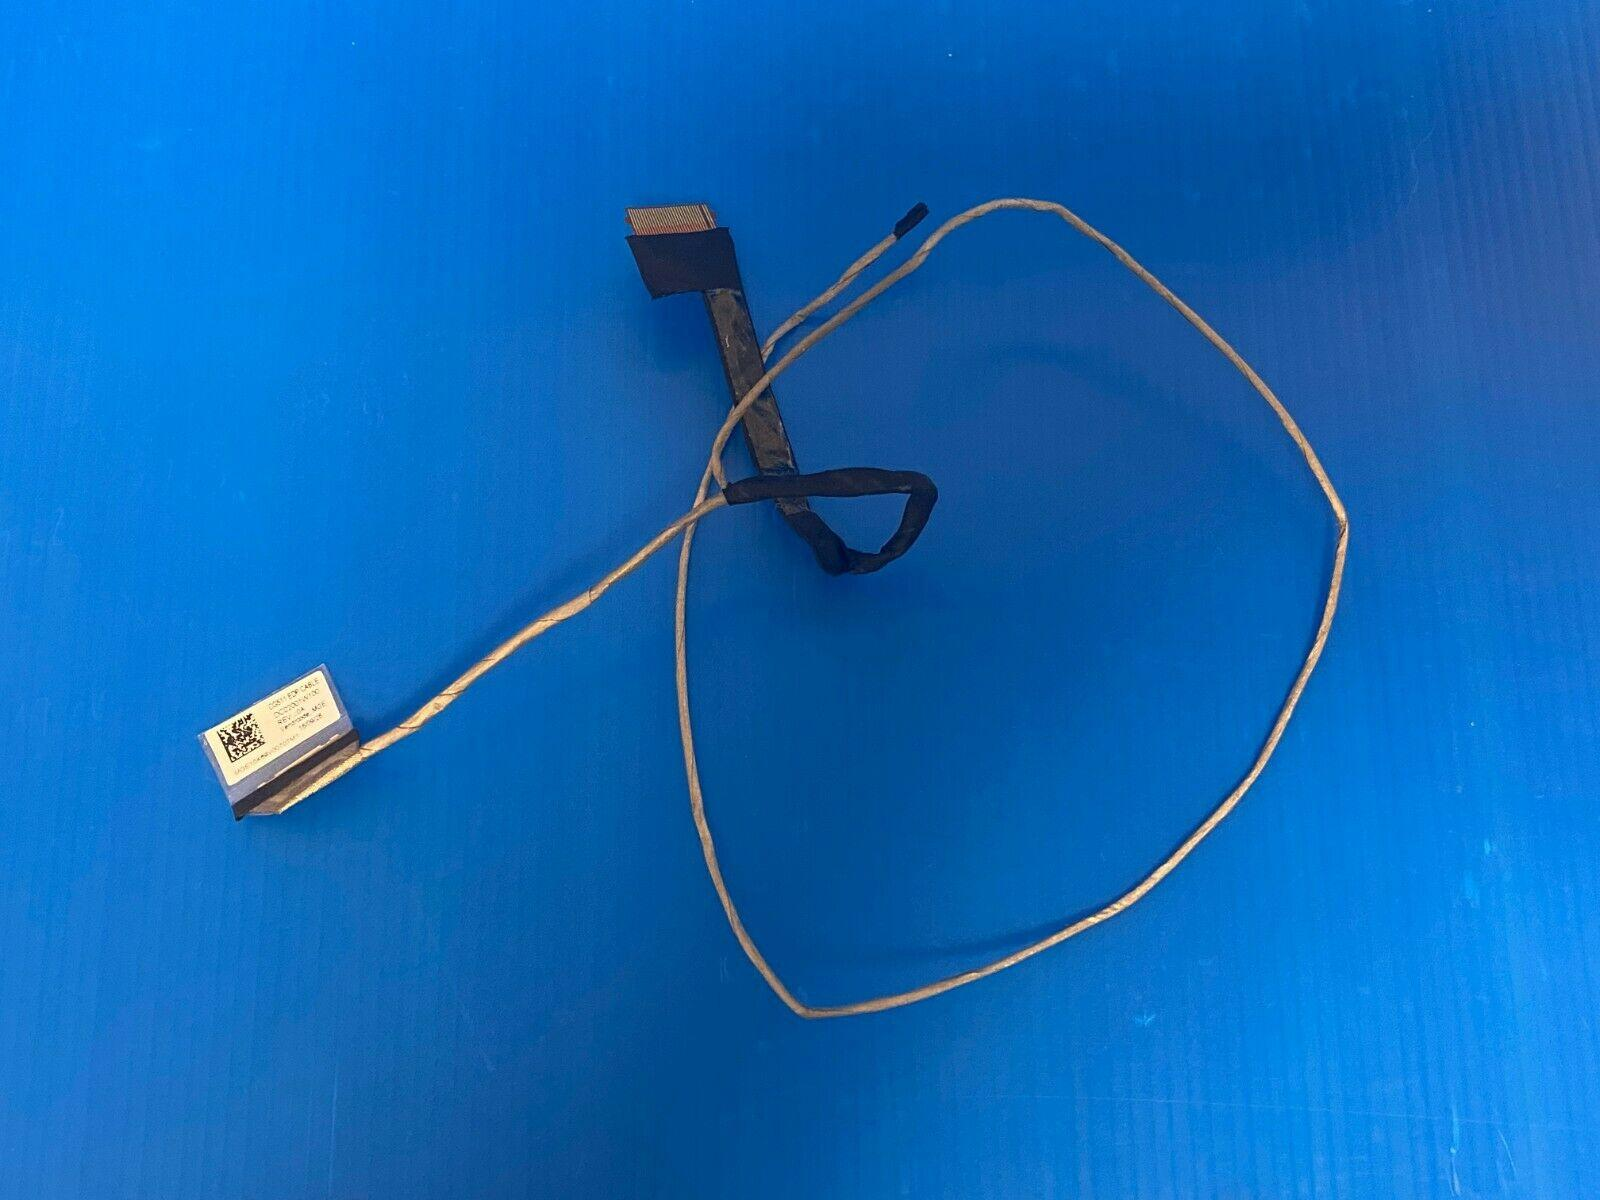 Nueva pantalla LCD portátil Cable de vídeo para Lenovo IdeaPad 310-15IKB 310-15 510-15IKB LCD Cable de vídeo DC02001W100 Pantalla de alambre de pantalla LVDS